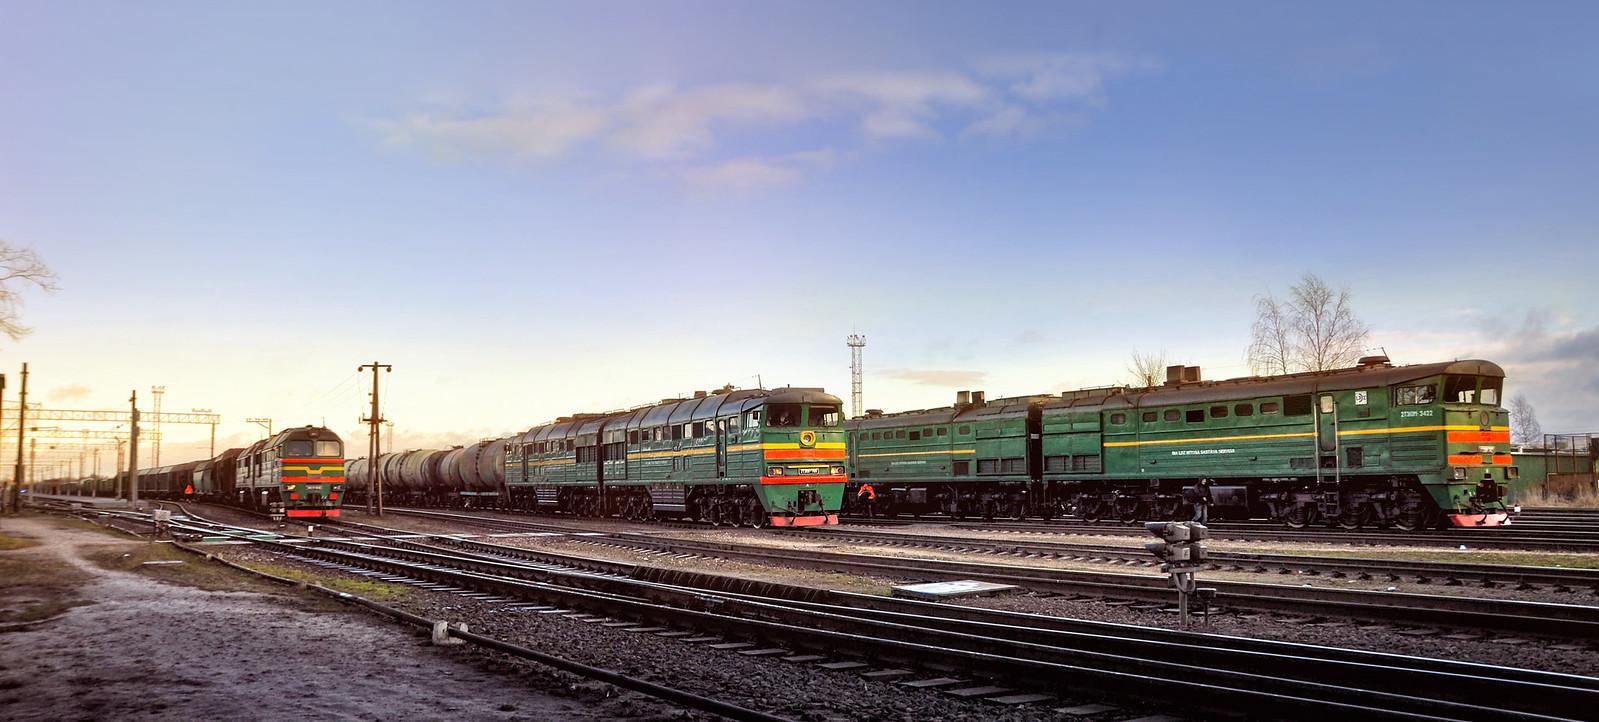 Jelgavas stacija 21.12.2014